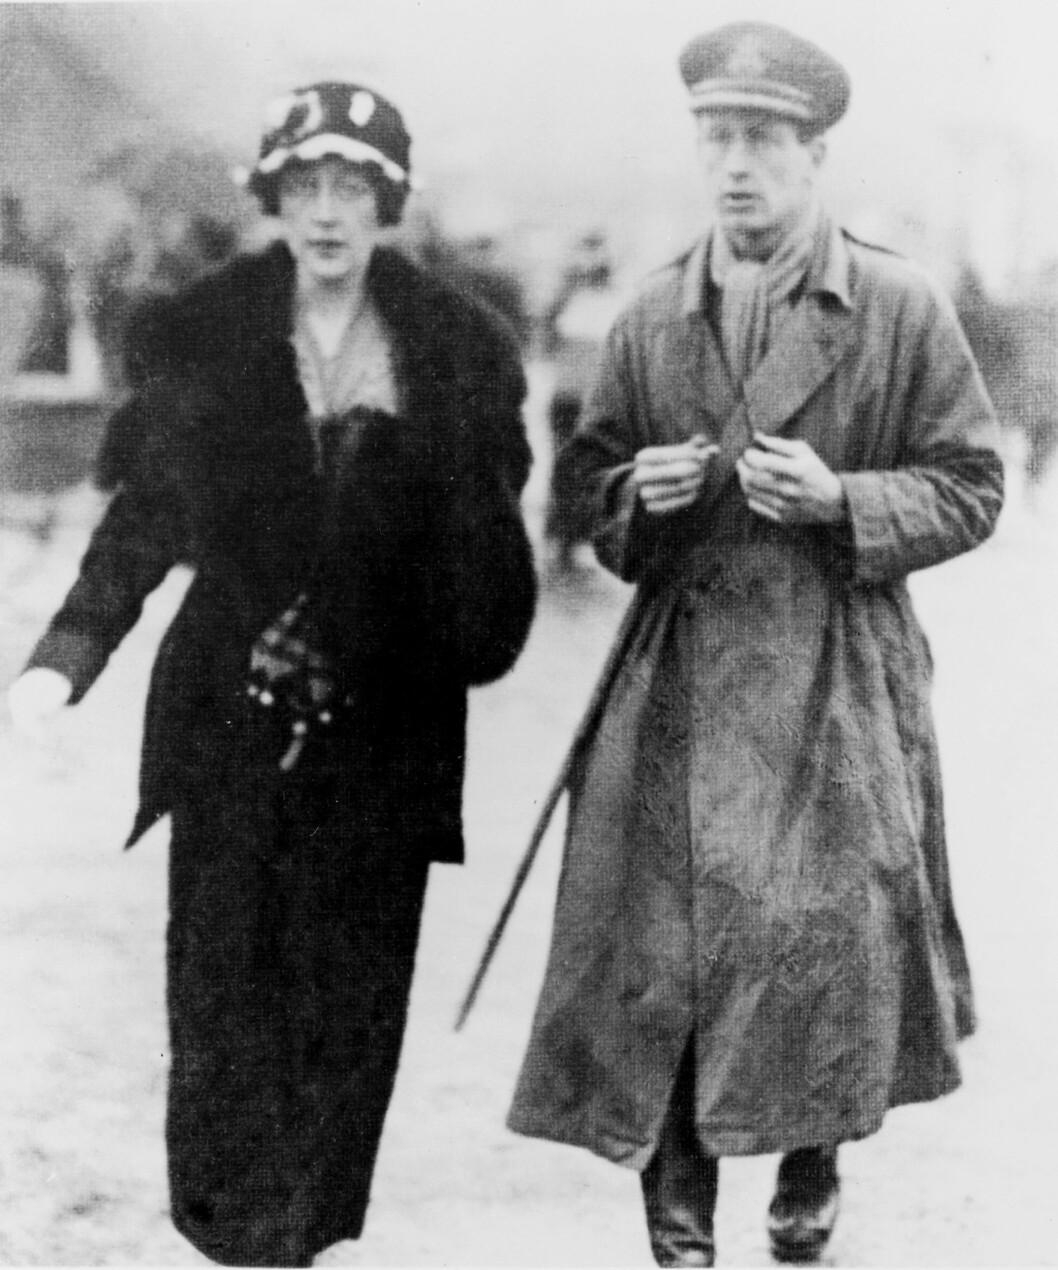 SKILSMISSE: Agatha og hennes første ektemann oberst Archibald Christie i 1919. Sju år senere ble de skilt på grunn av utroskap.  Foto: NTB-Scanpix